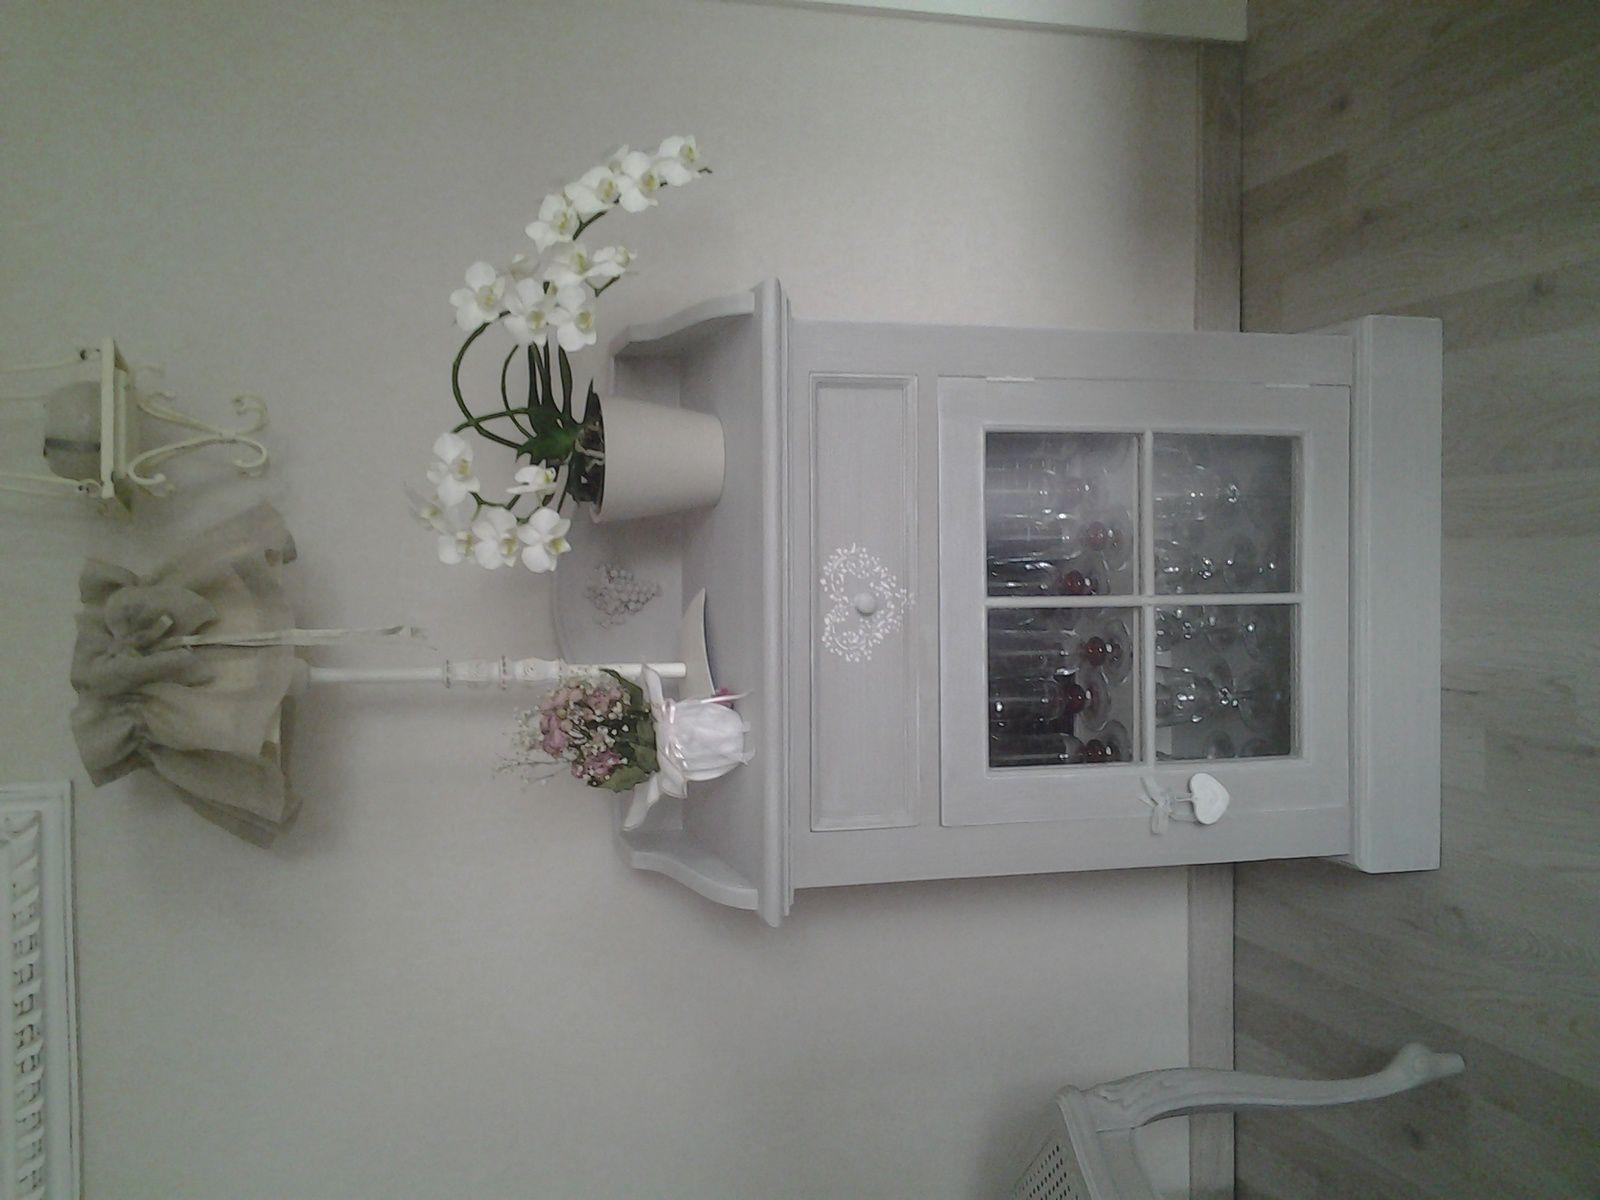 Chaise charme pour genevi ve relooker relouk relooking peindre meubles cui - Relooking meuble bordeaux ...